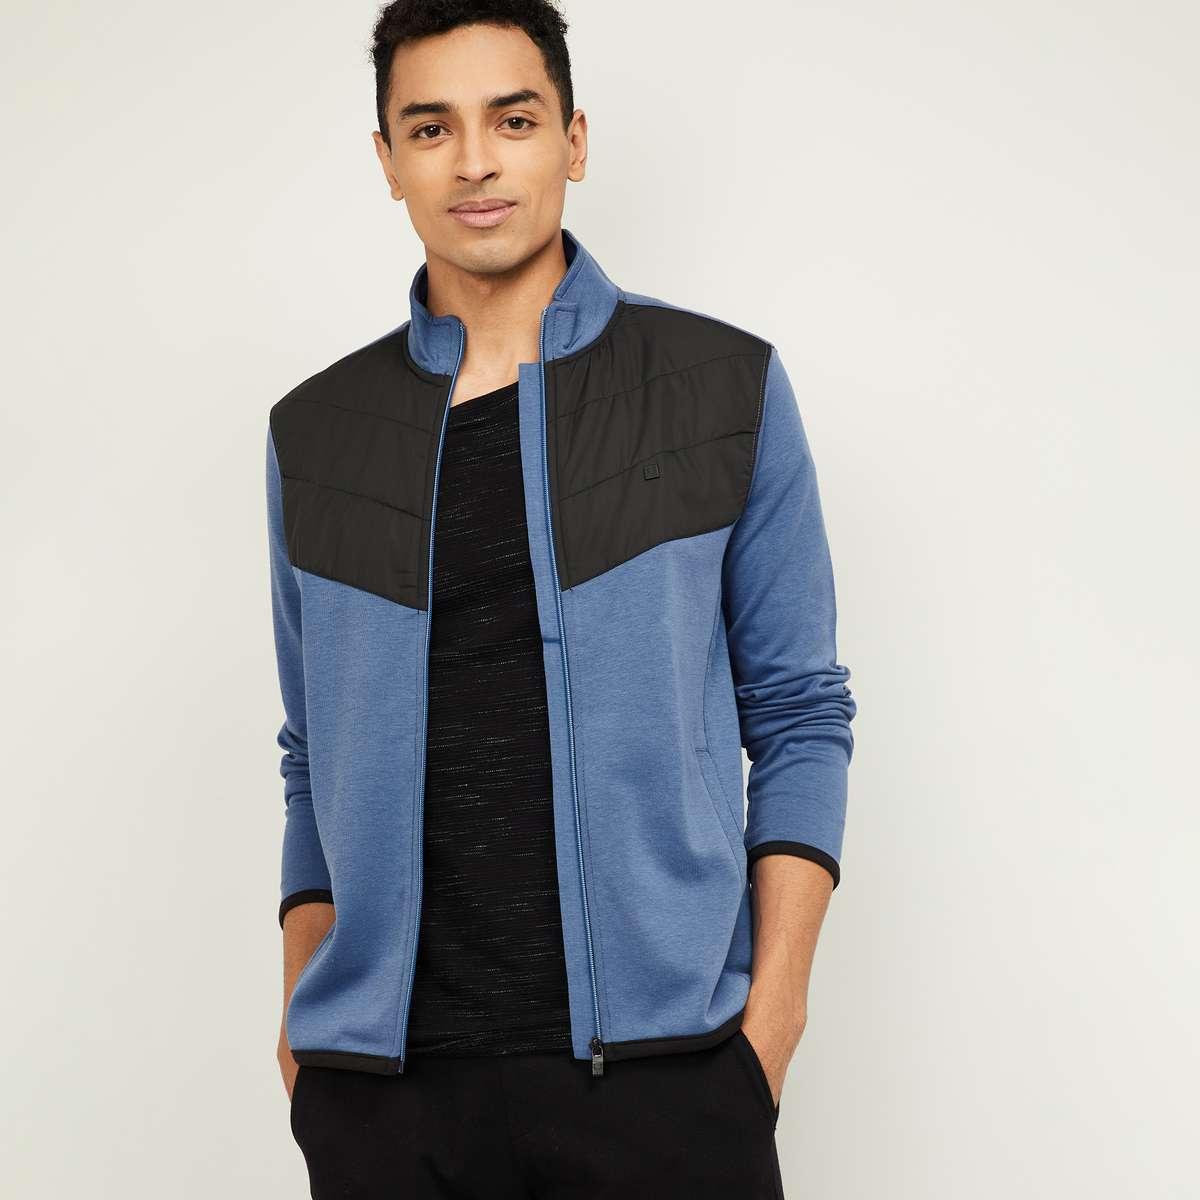 10.ALLEN SOLLY Men Colourblock Zip-Front Sweatshirt with Insert Pockets